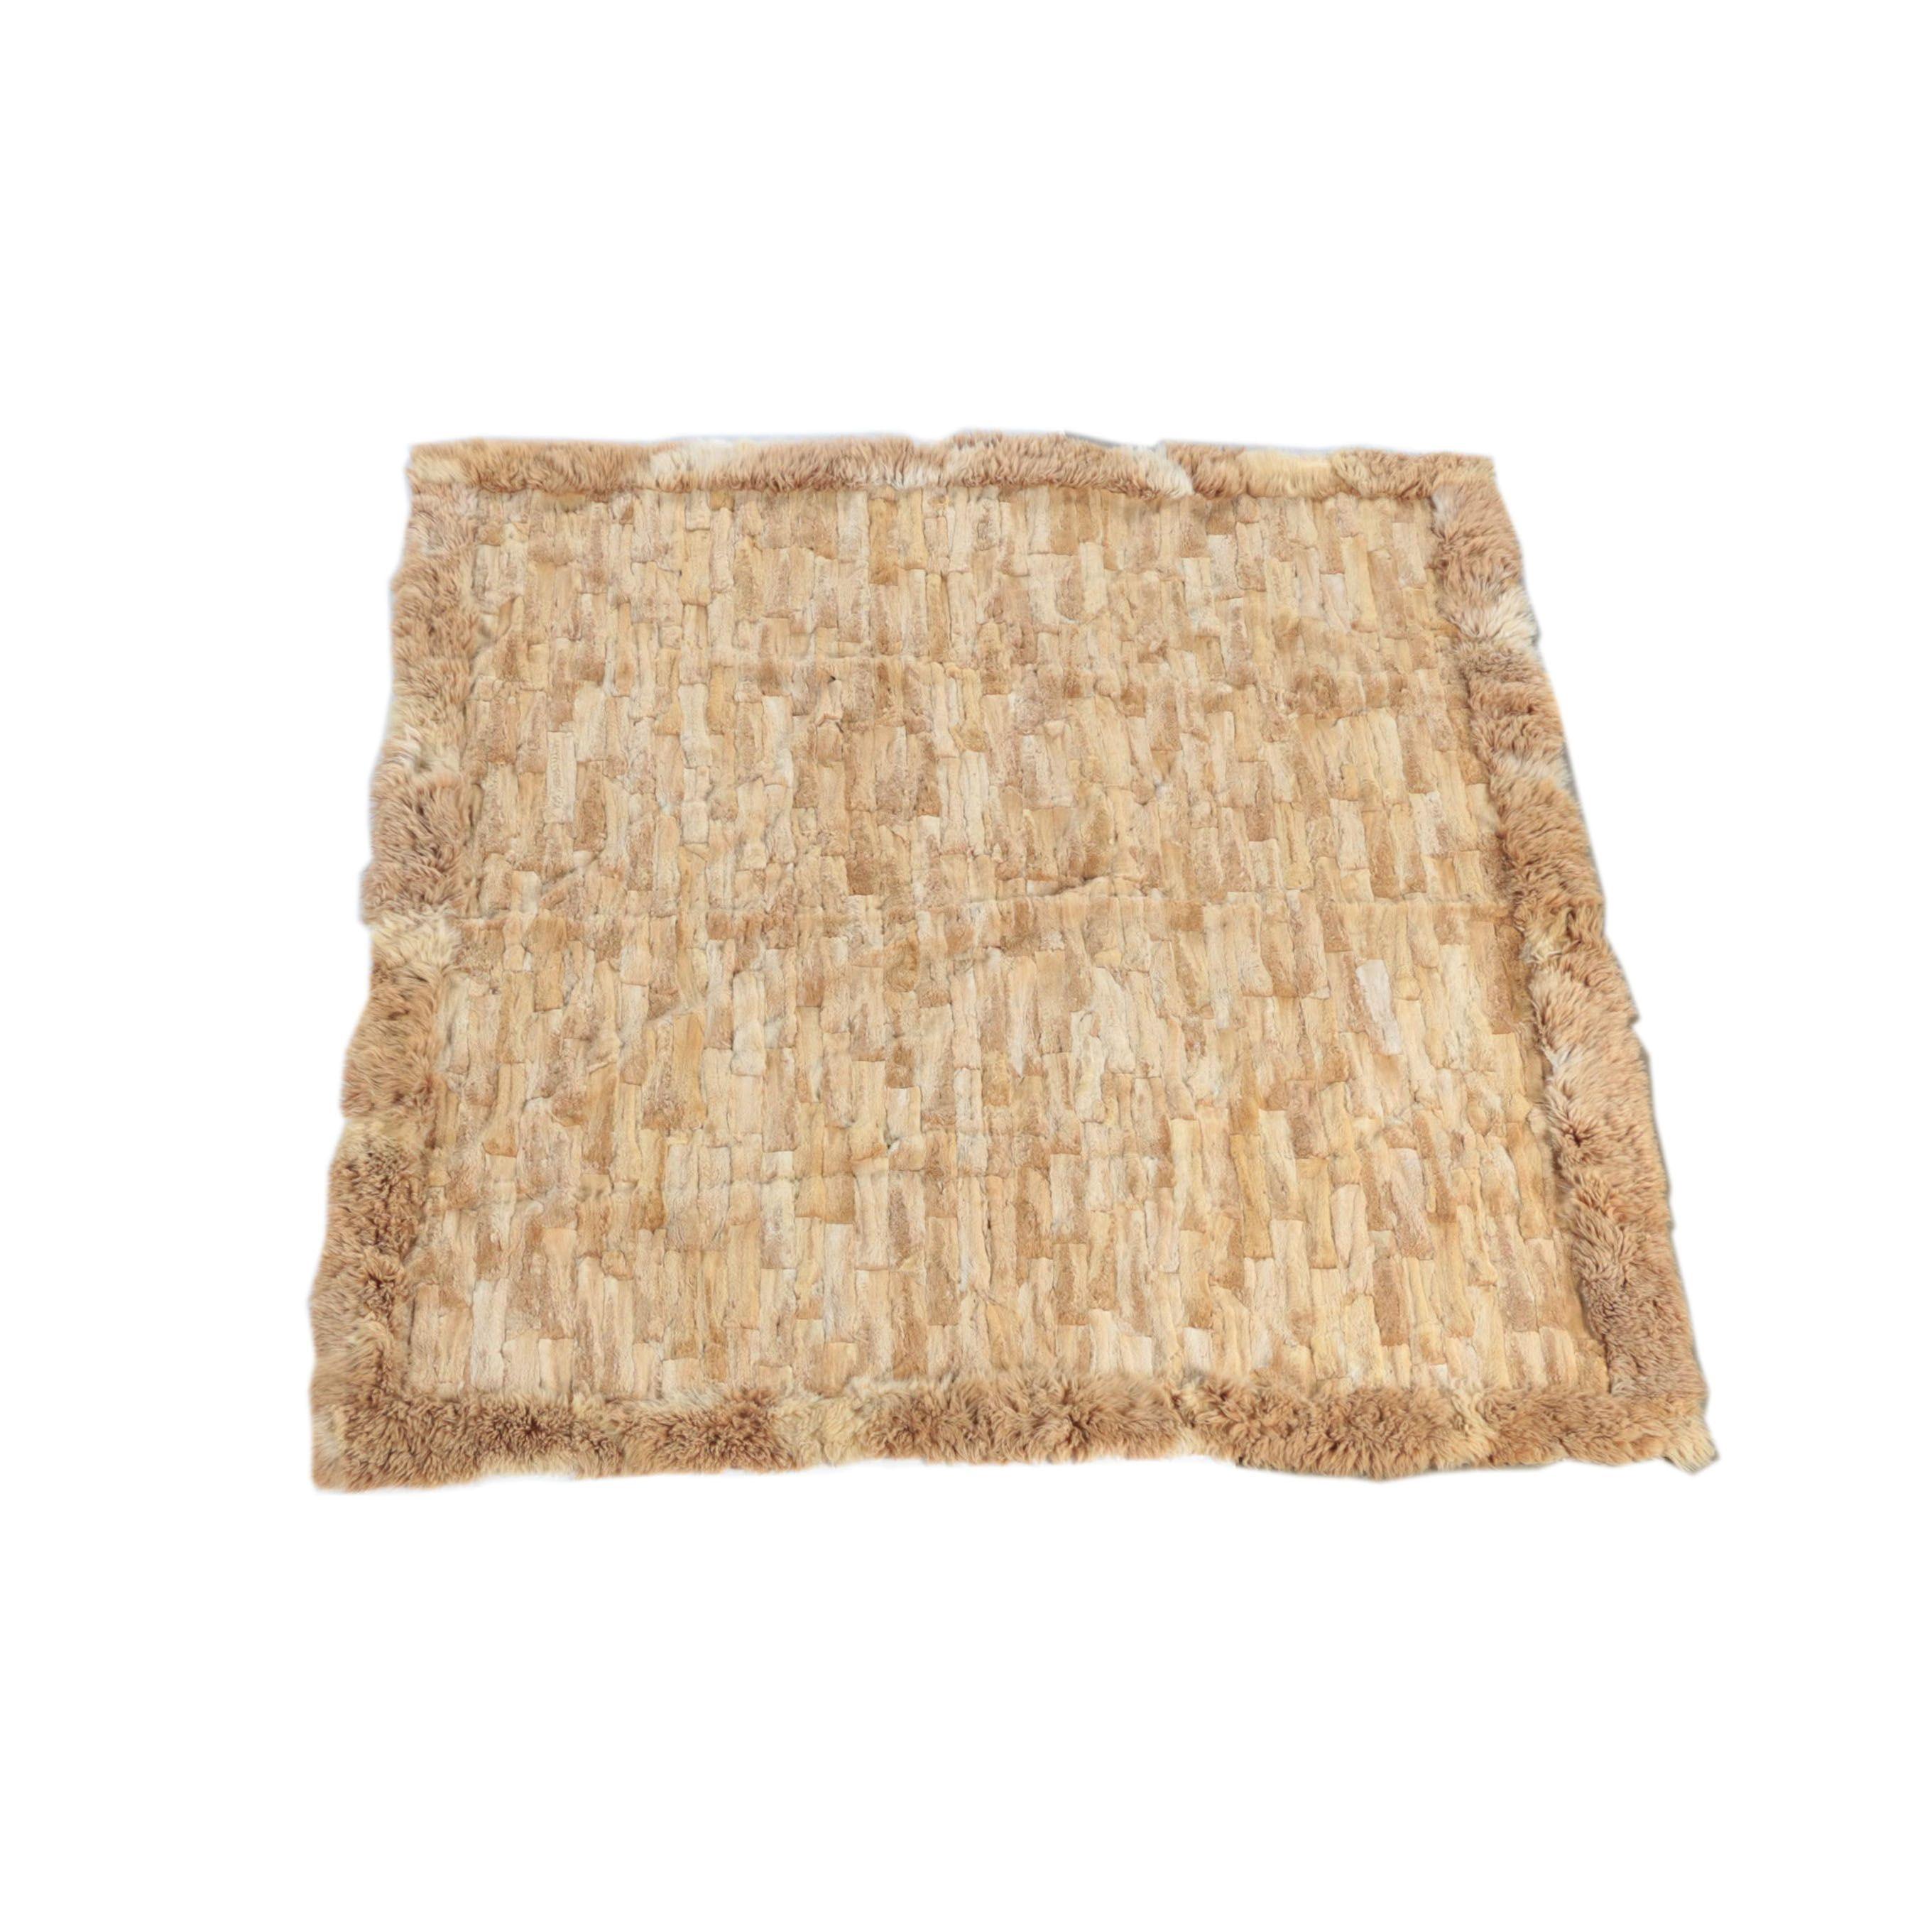 Alpaca Fur Area Rug/Coverlet